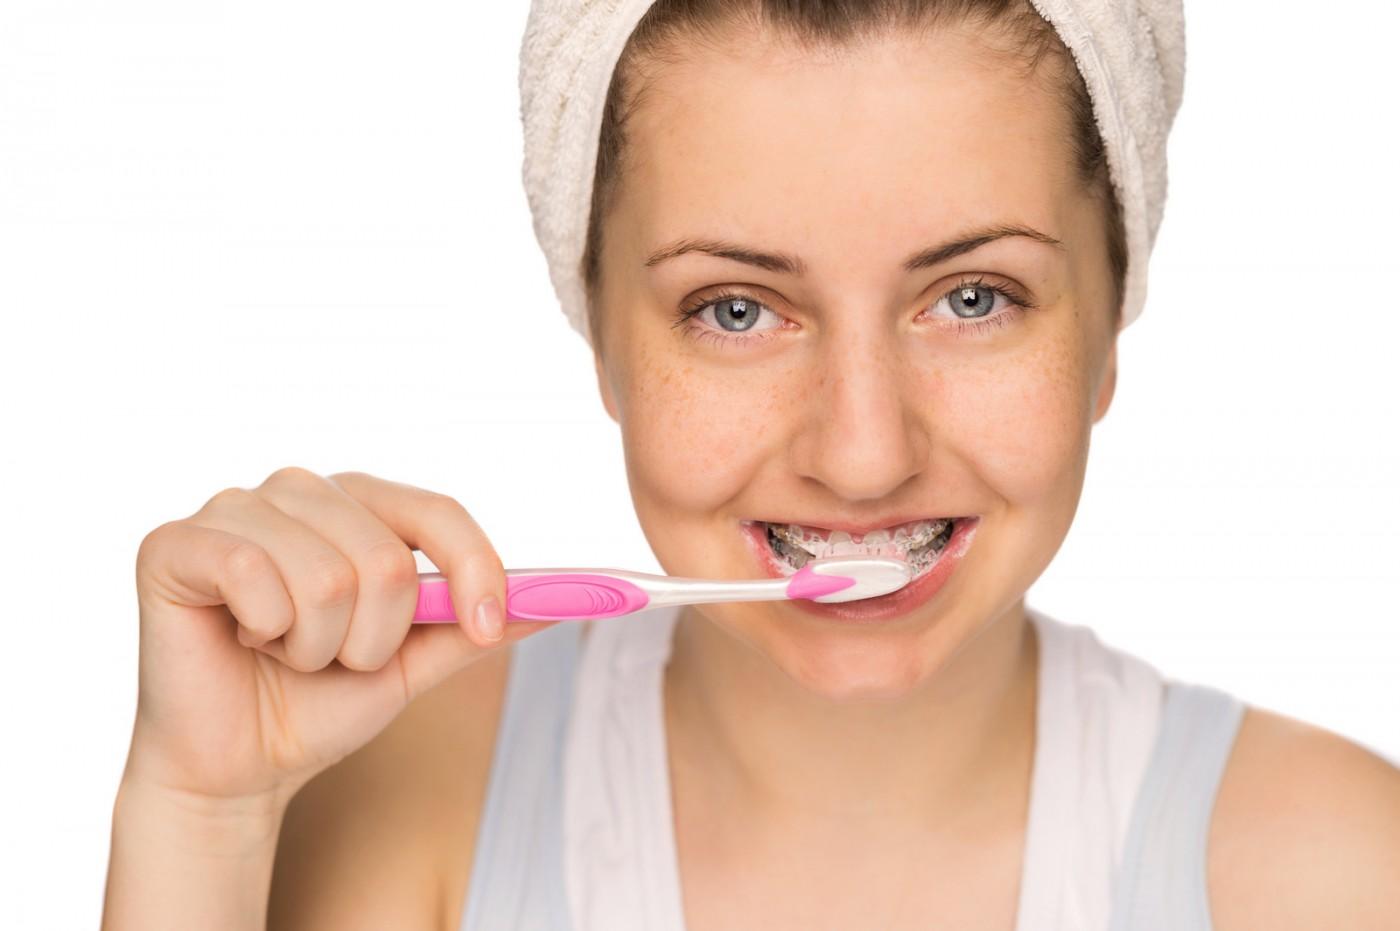 Aparatele dentare ceramice sunt greu de întreținut?